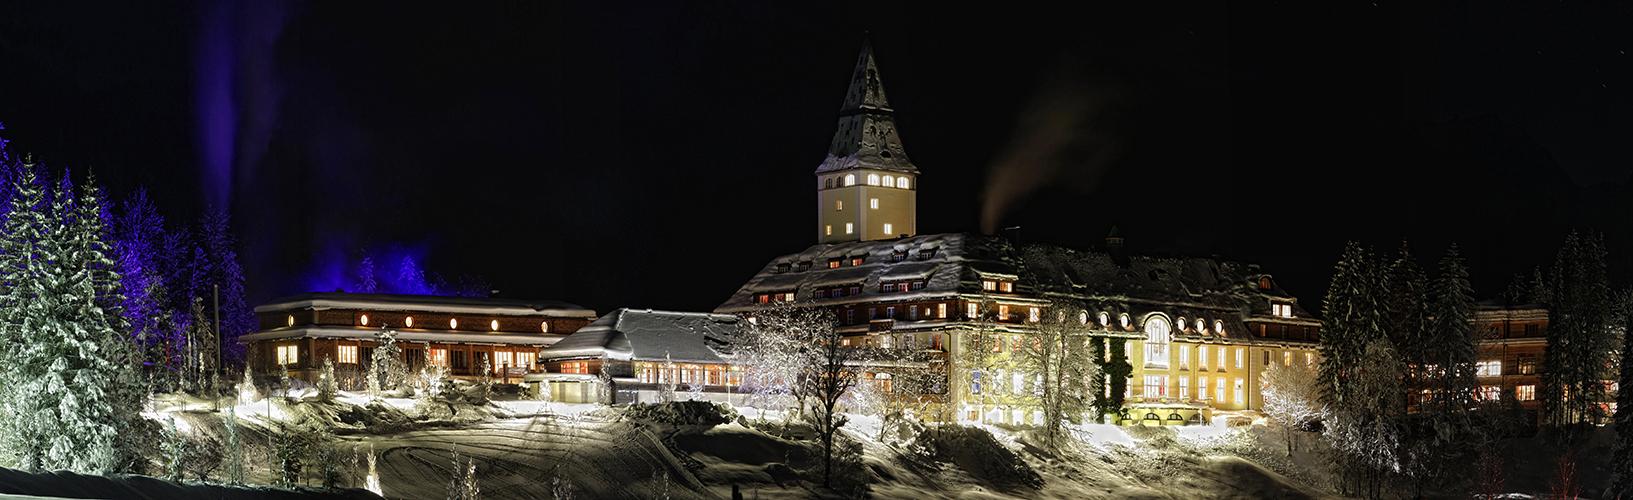 Winternacht am Schloss Elmau